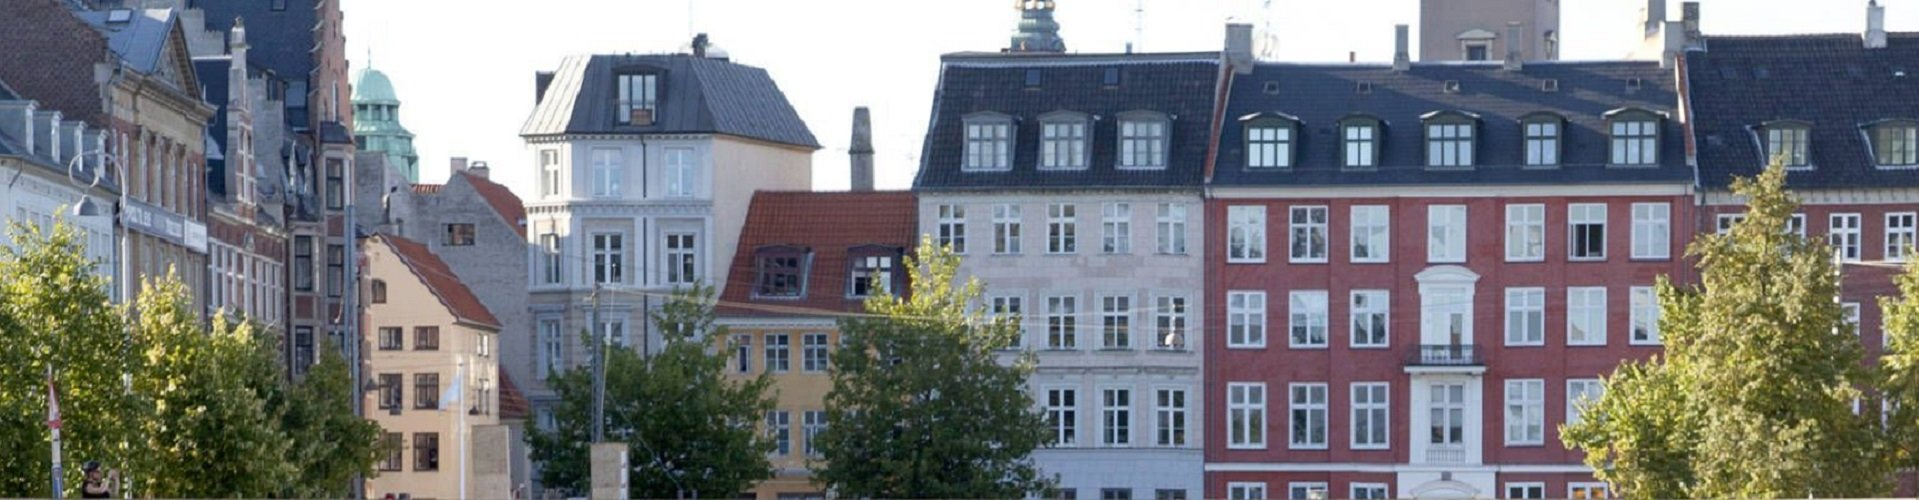 Banner foto Kopenhagen